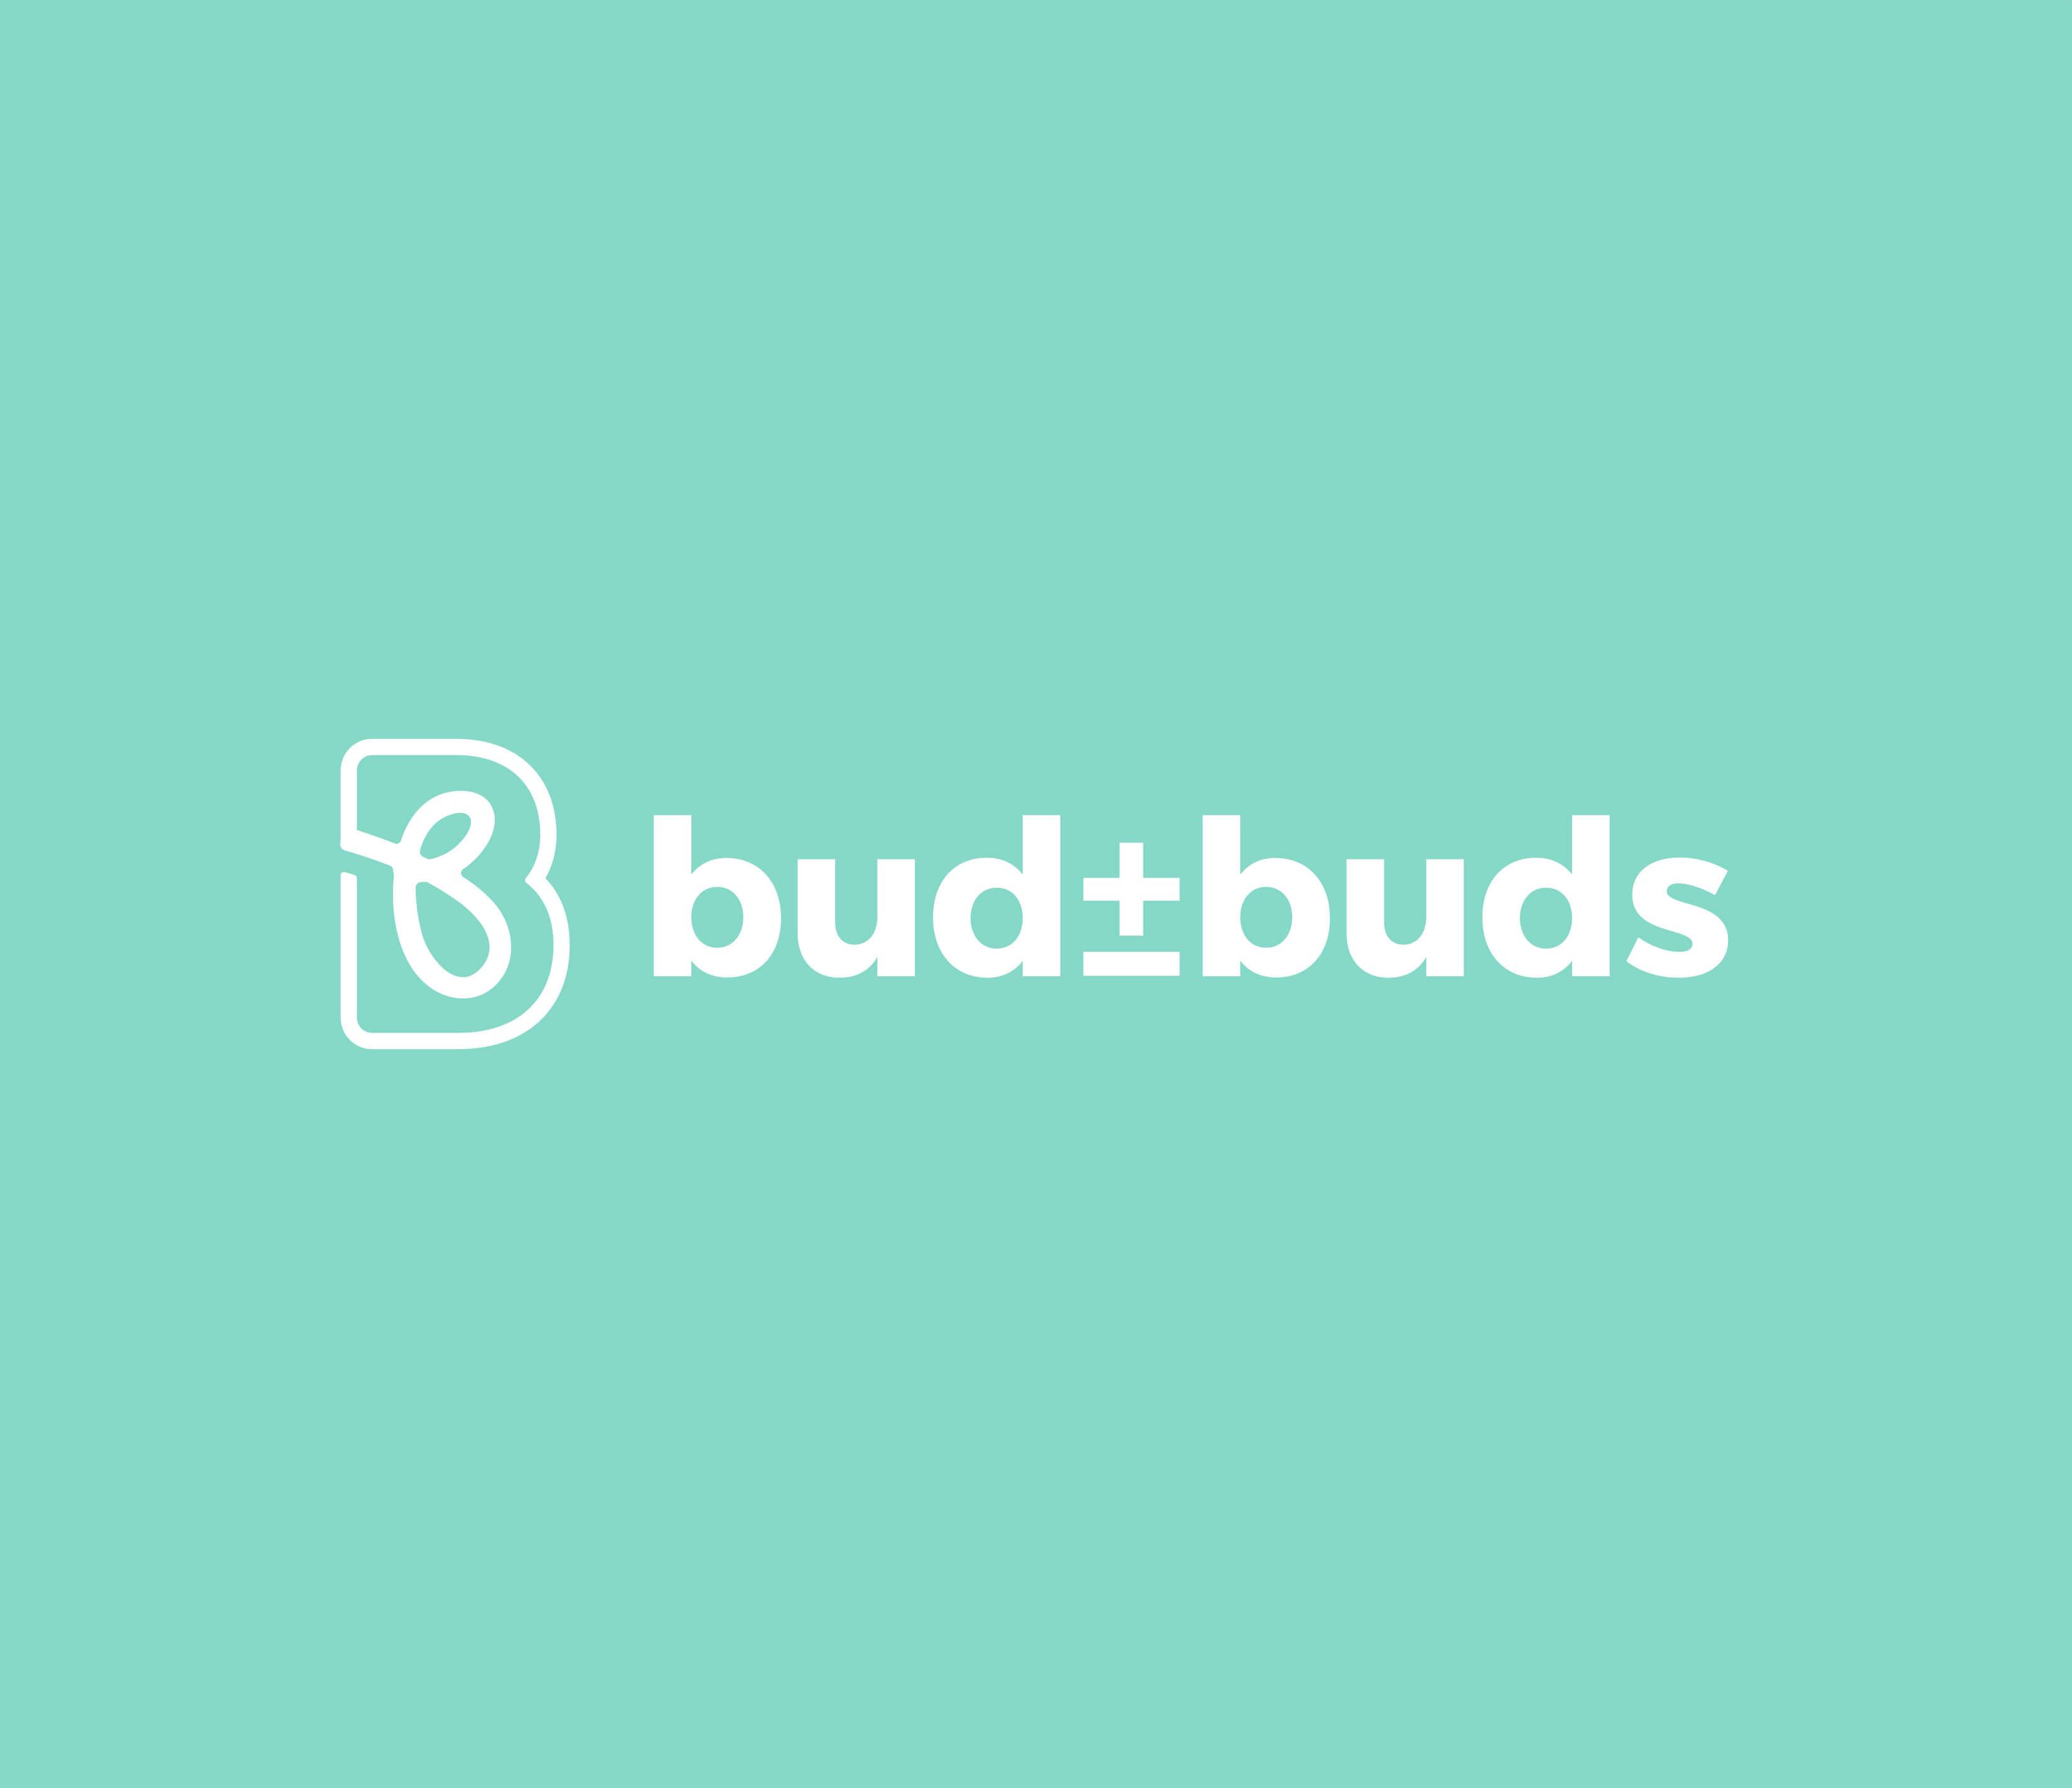 Budbuds